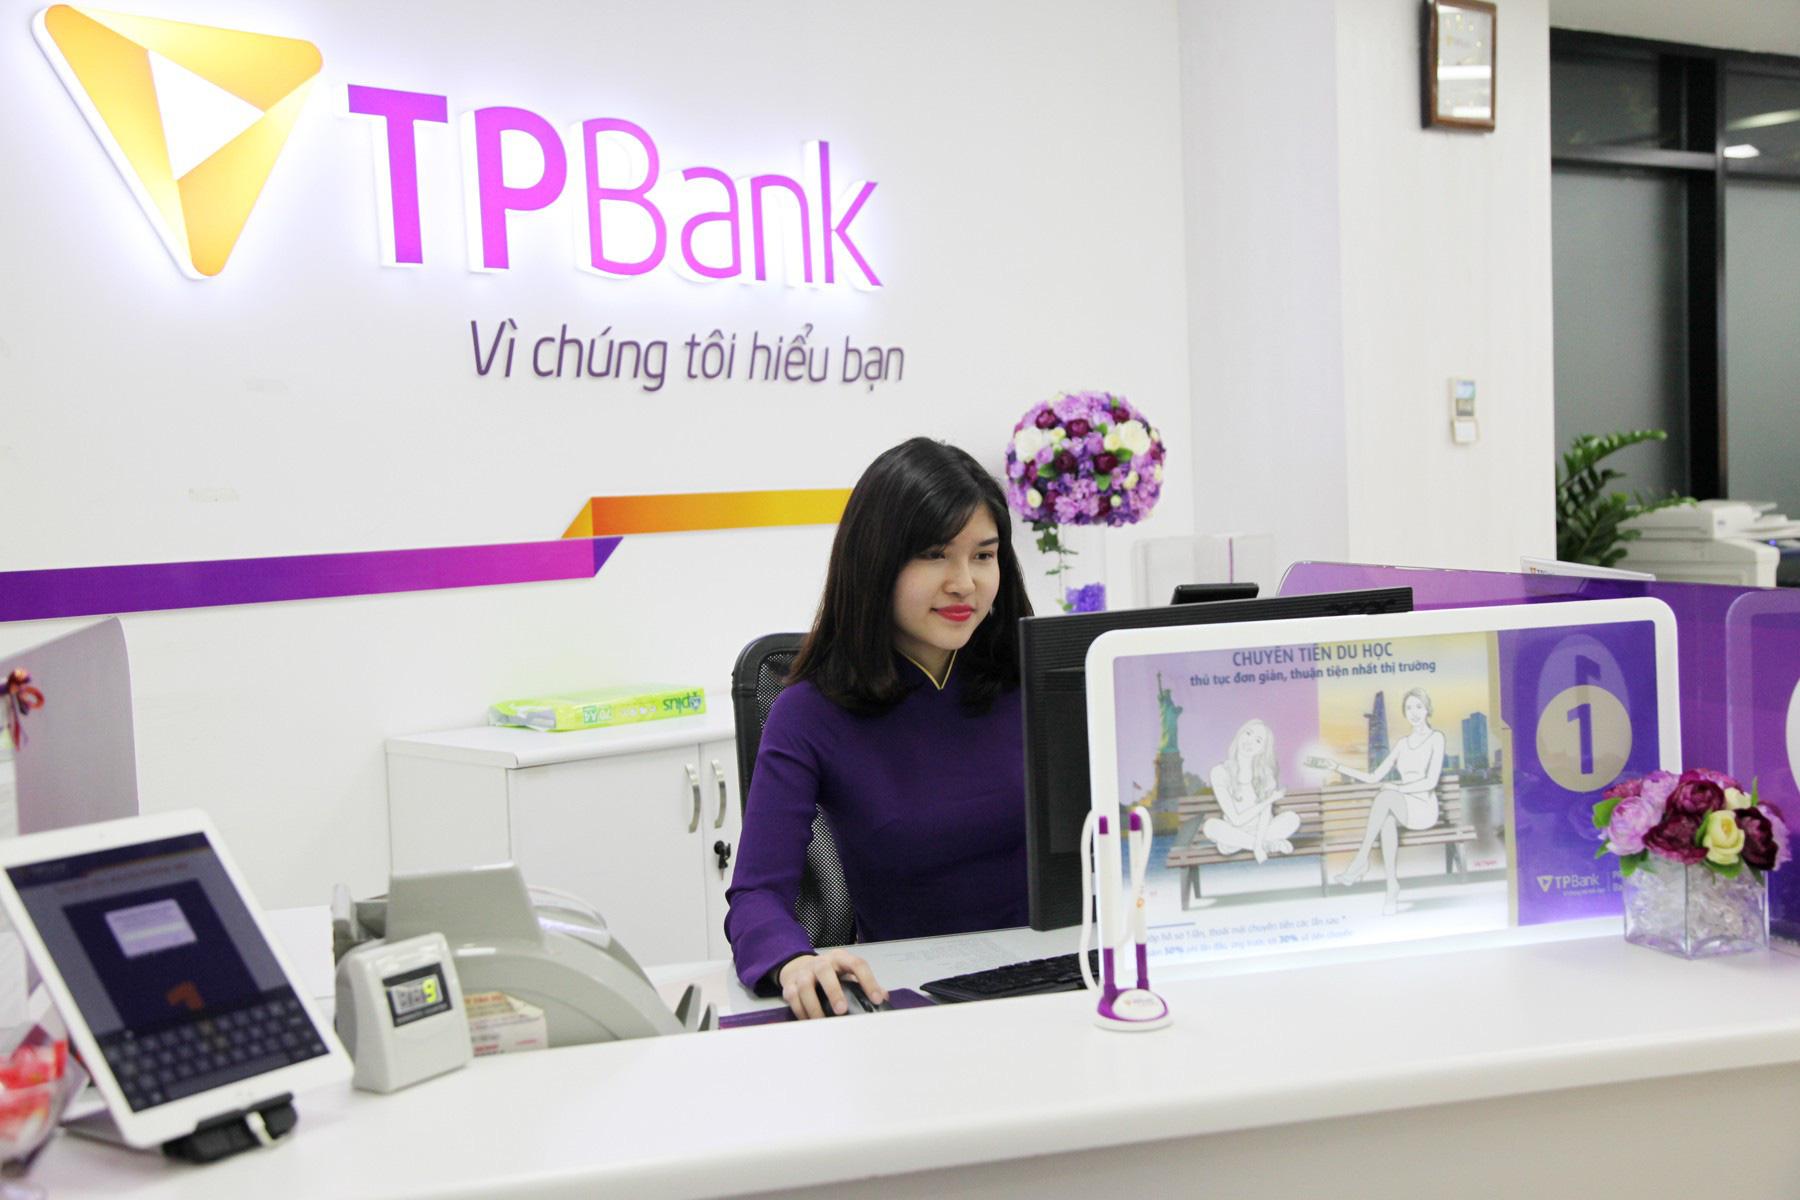 Lãi suất ngân hàng TPBank mới nhất tháng 4/2020 - Ảnh 1.